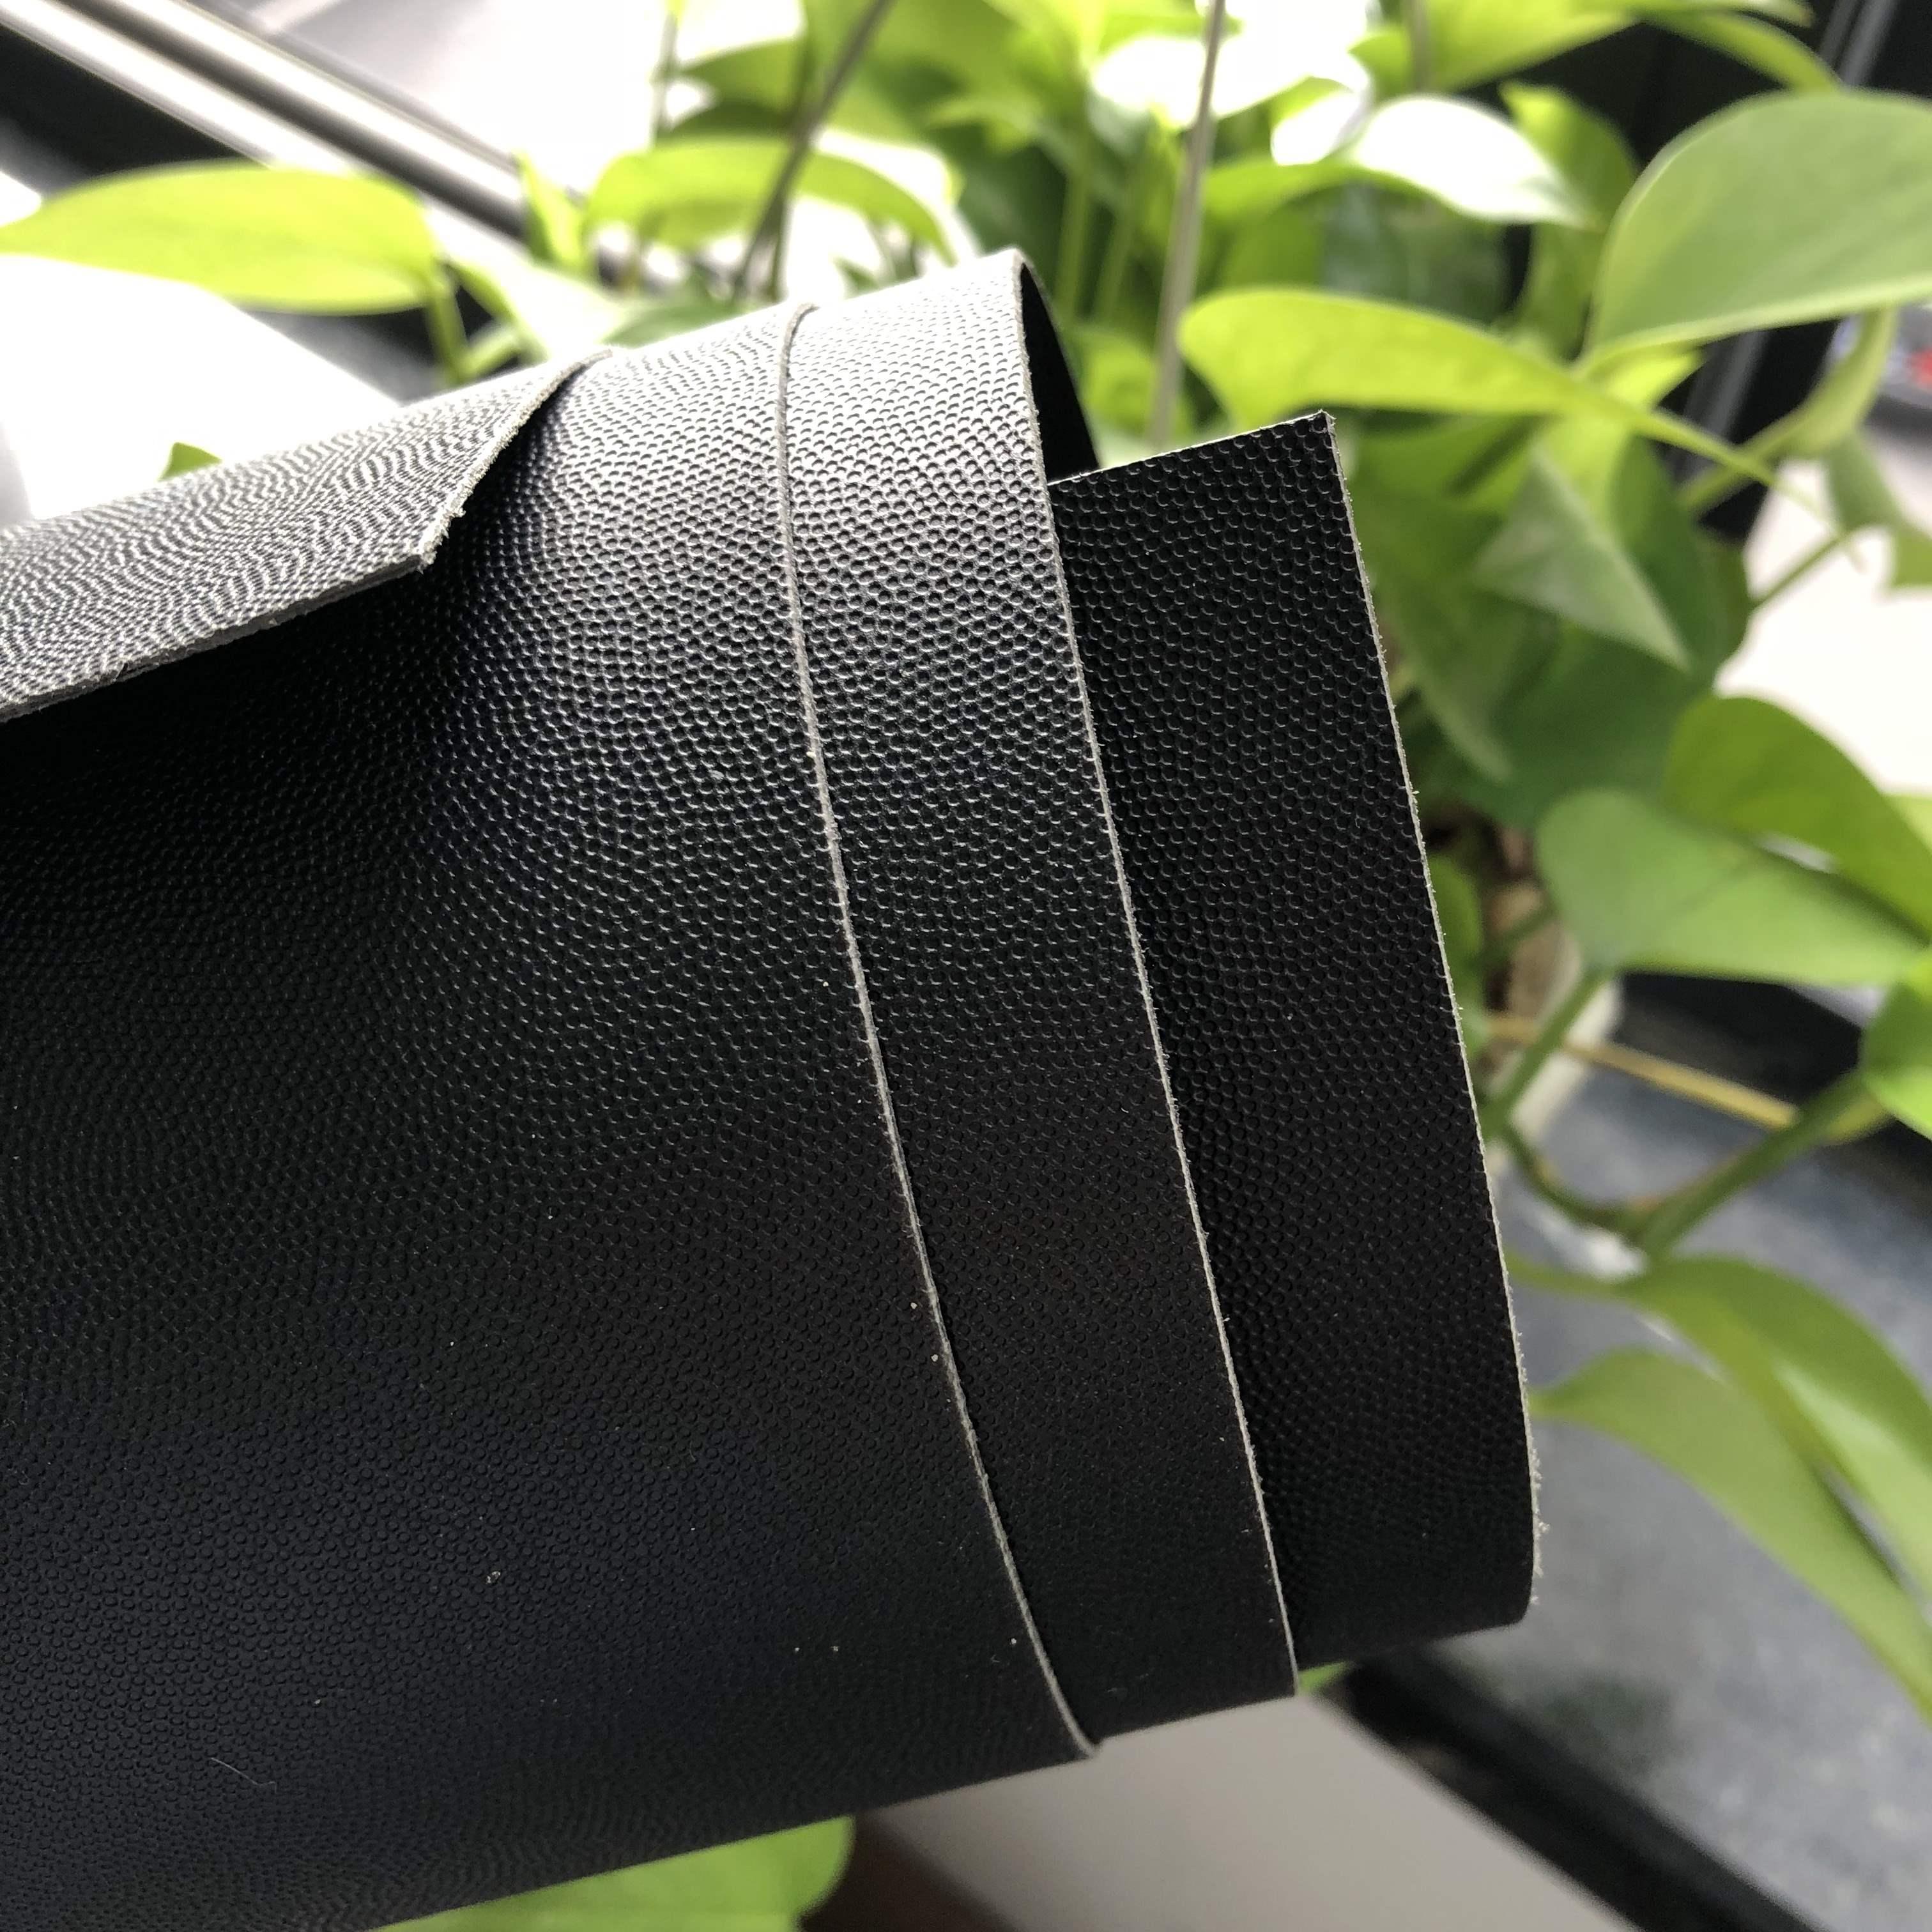 Pe tấm dưới cùng cm bảng hành lý màu đen hành lý bên trong bảng nhựa tấm 20 * 30cm - Phụ kiện hành lý